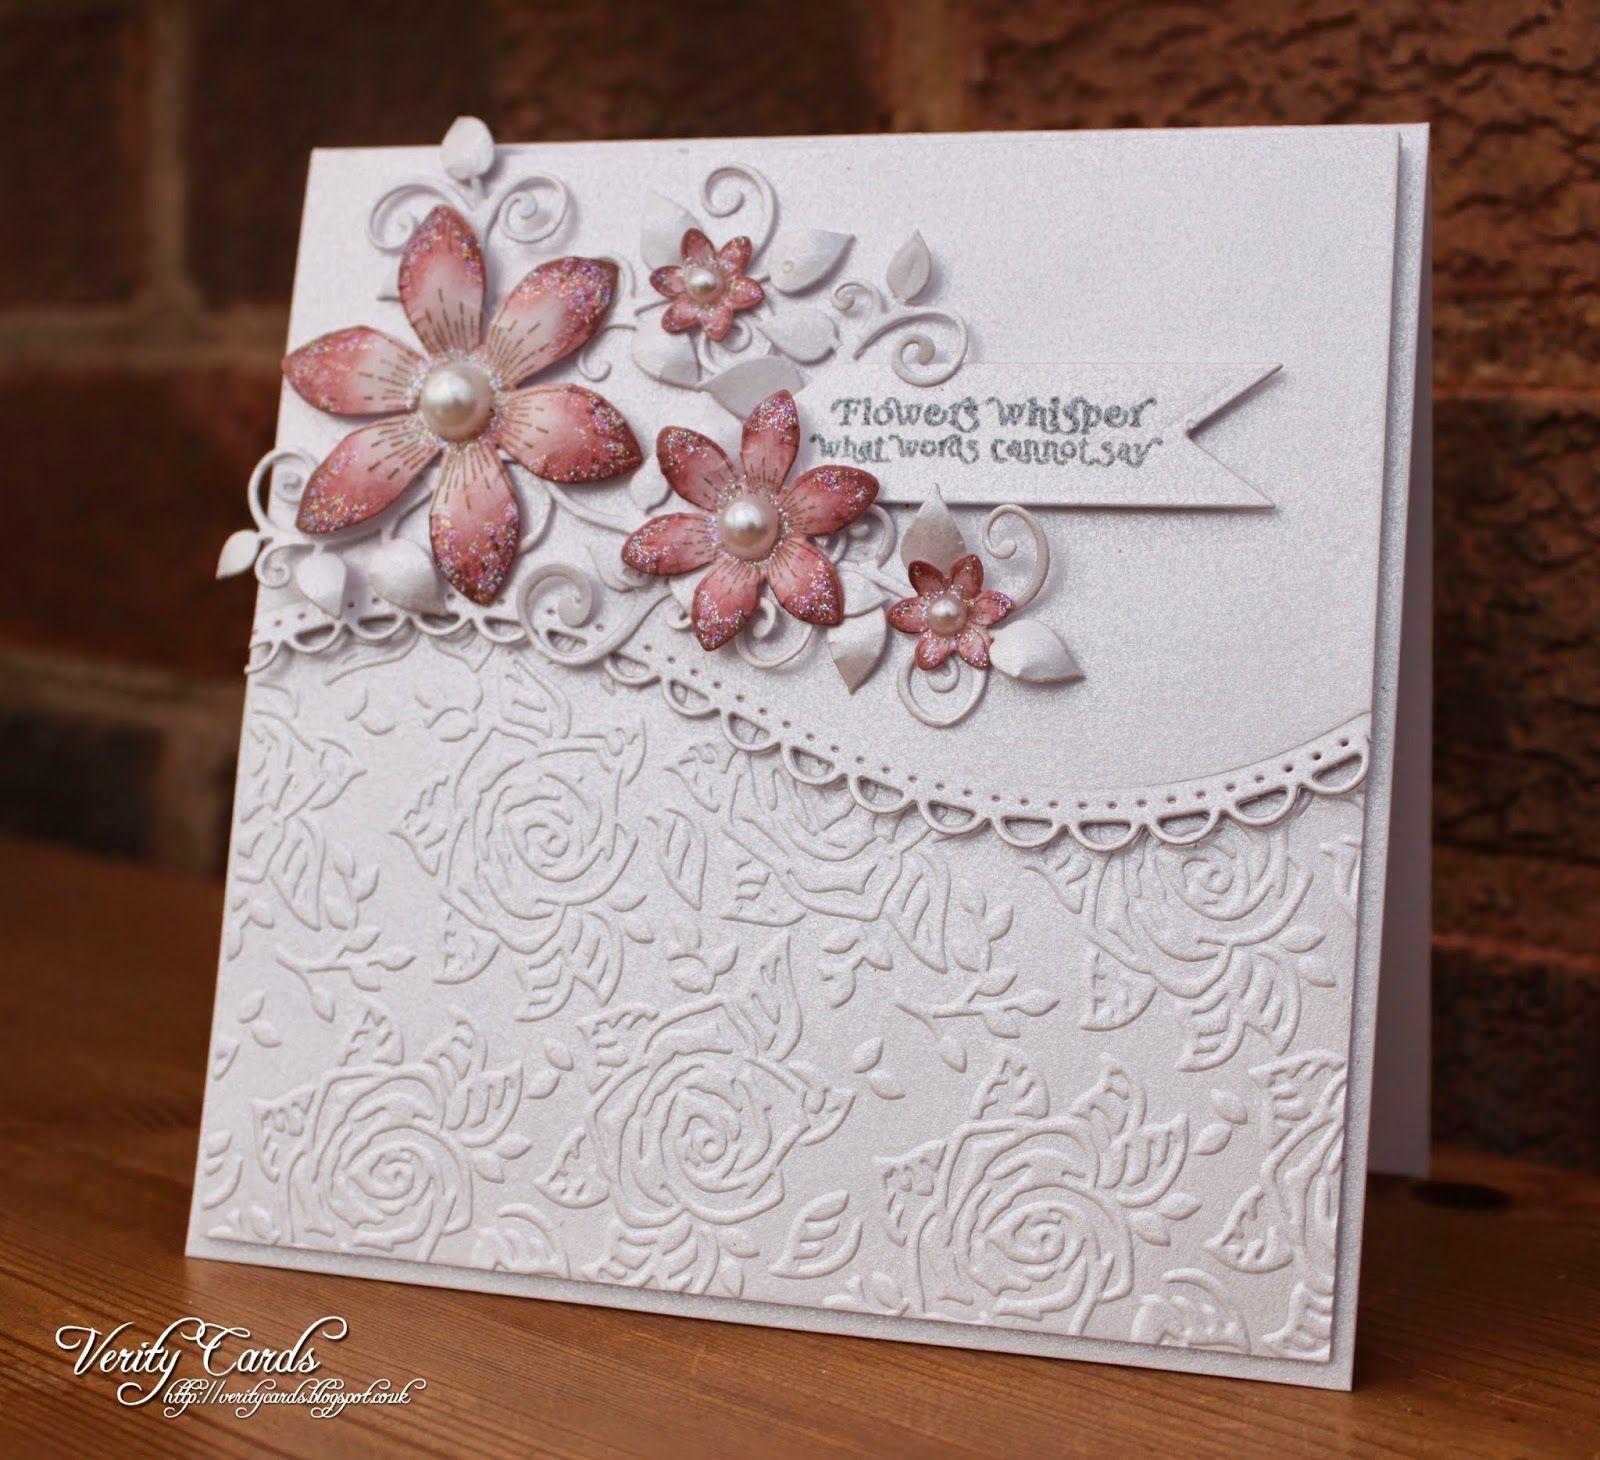 Flowers Whisper - Verity Cards